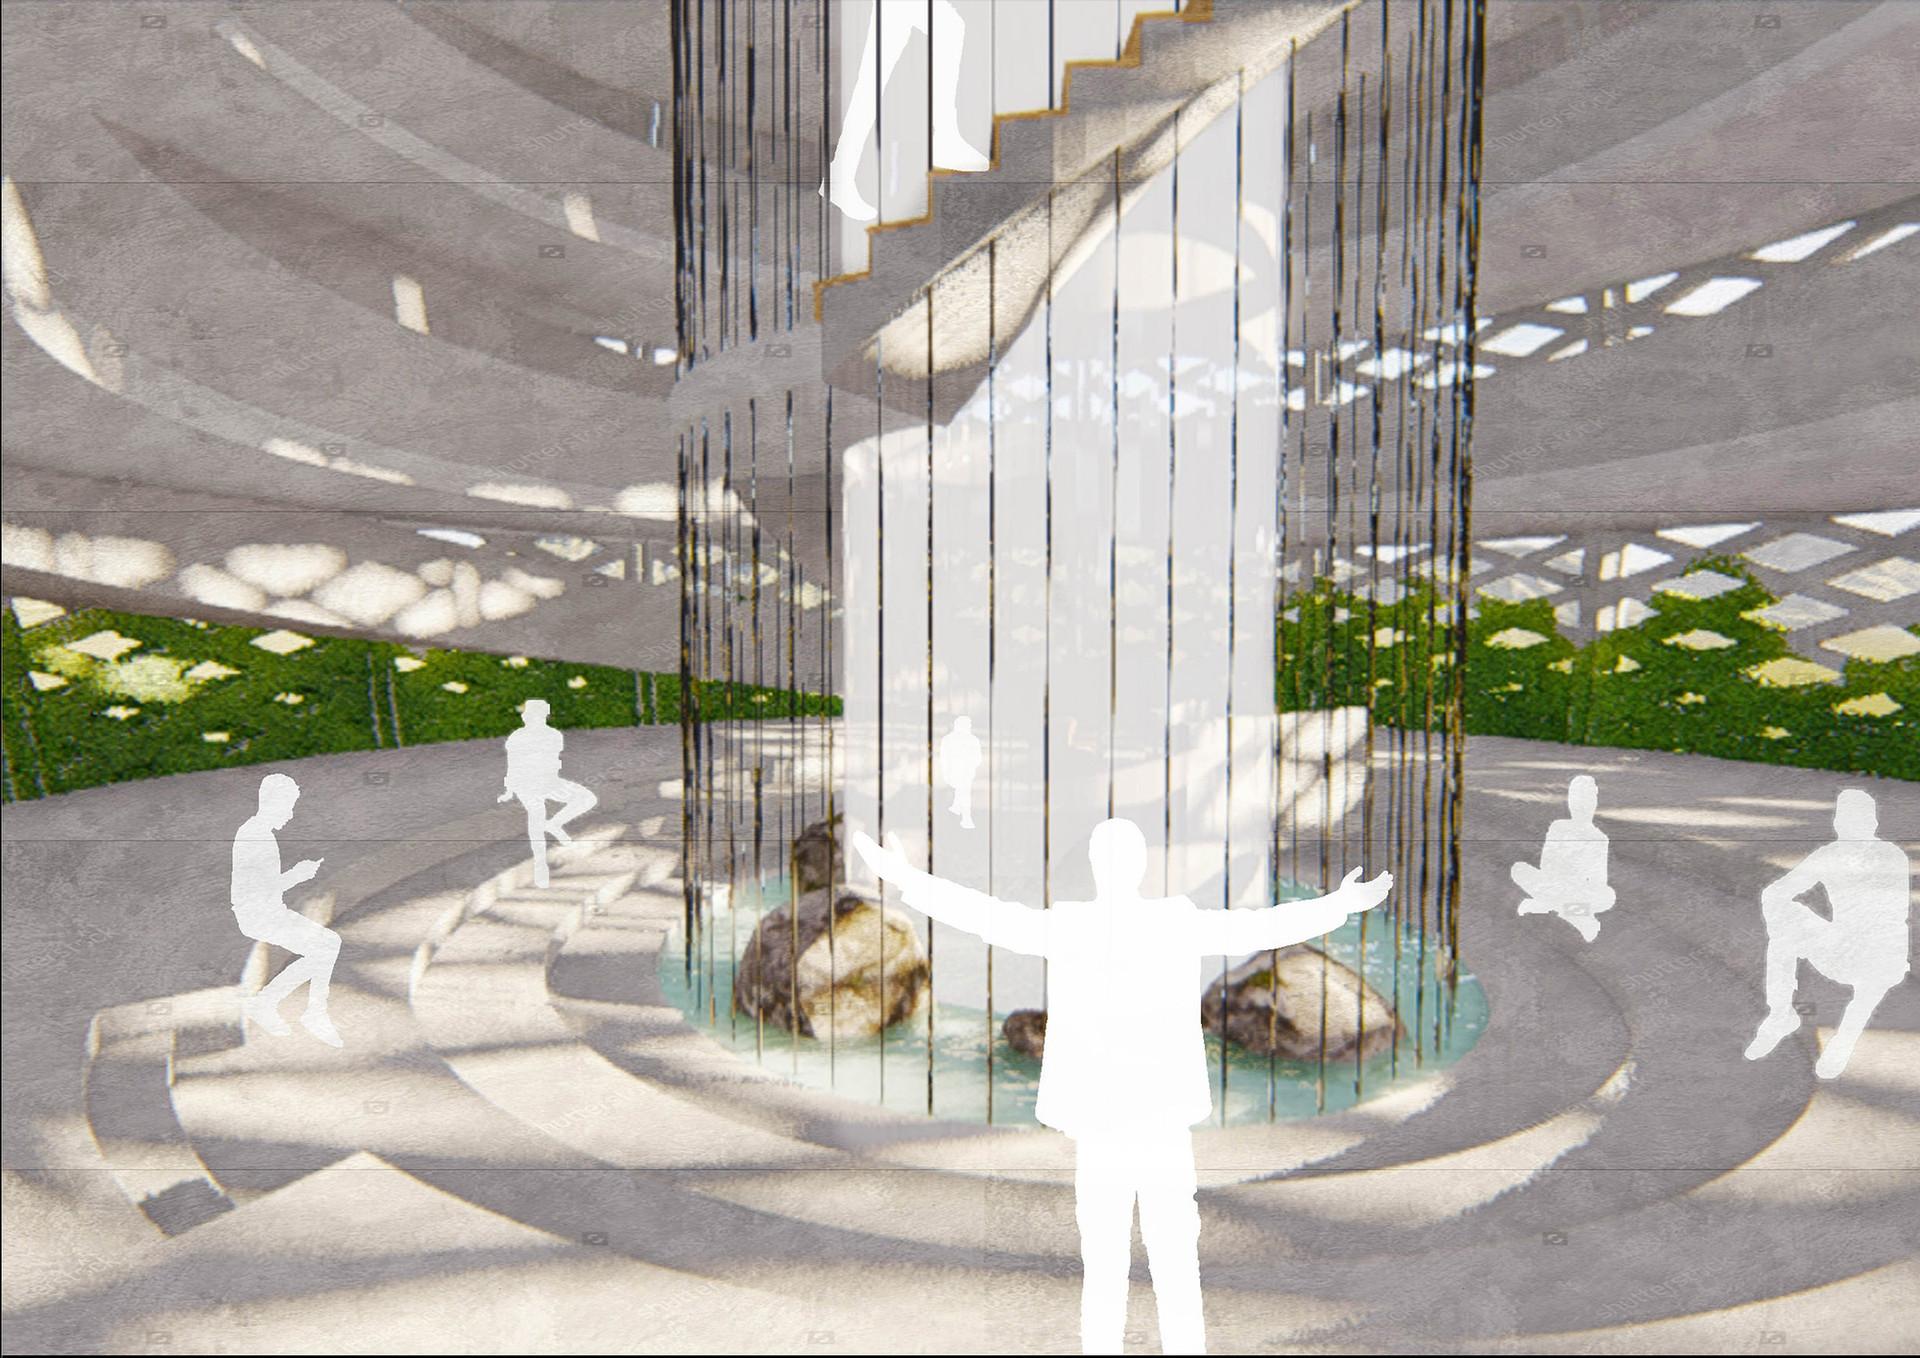 The Congregational Space. Peta, S. Unit 15X. 2020.